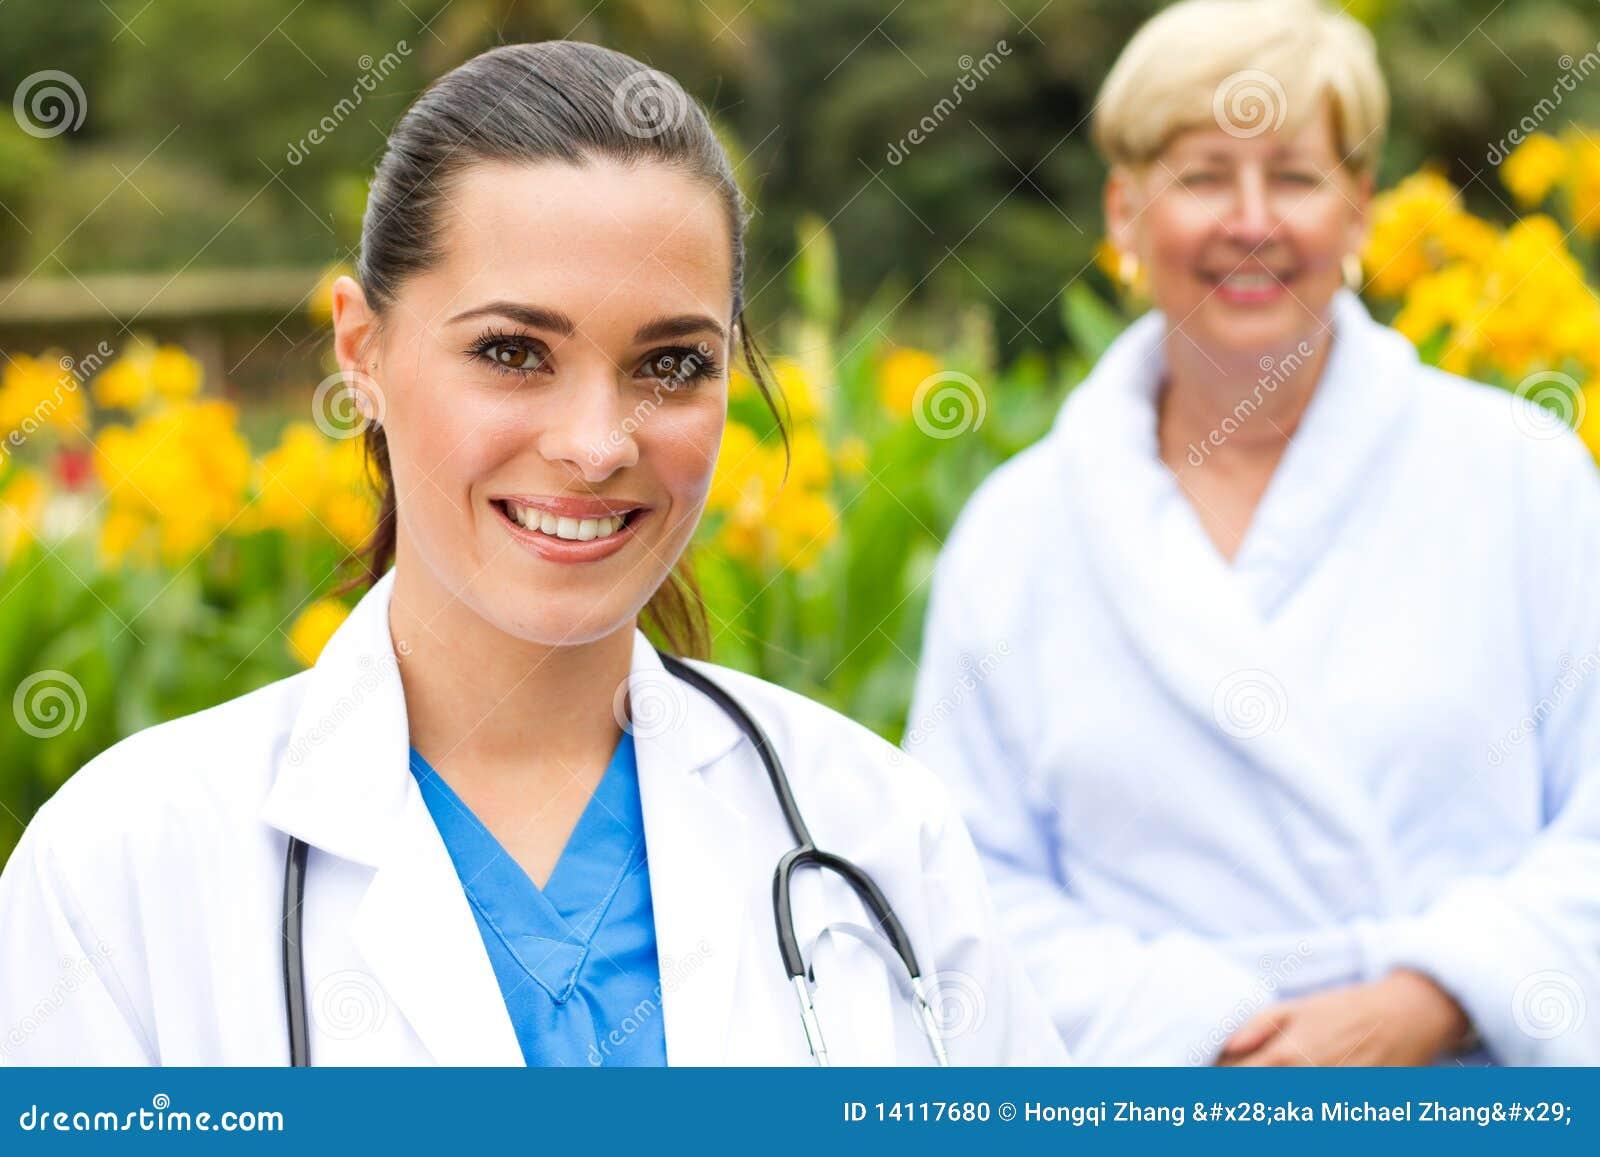 Смотреть женские болезни фото 3 фотография